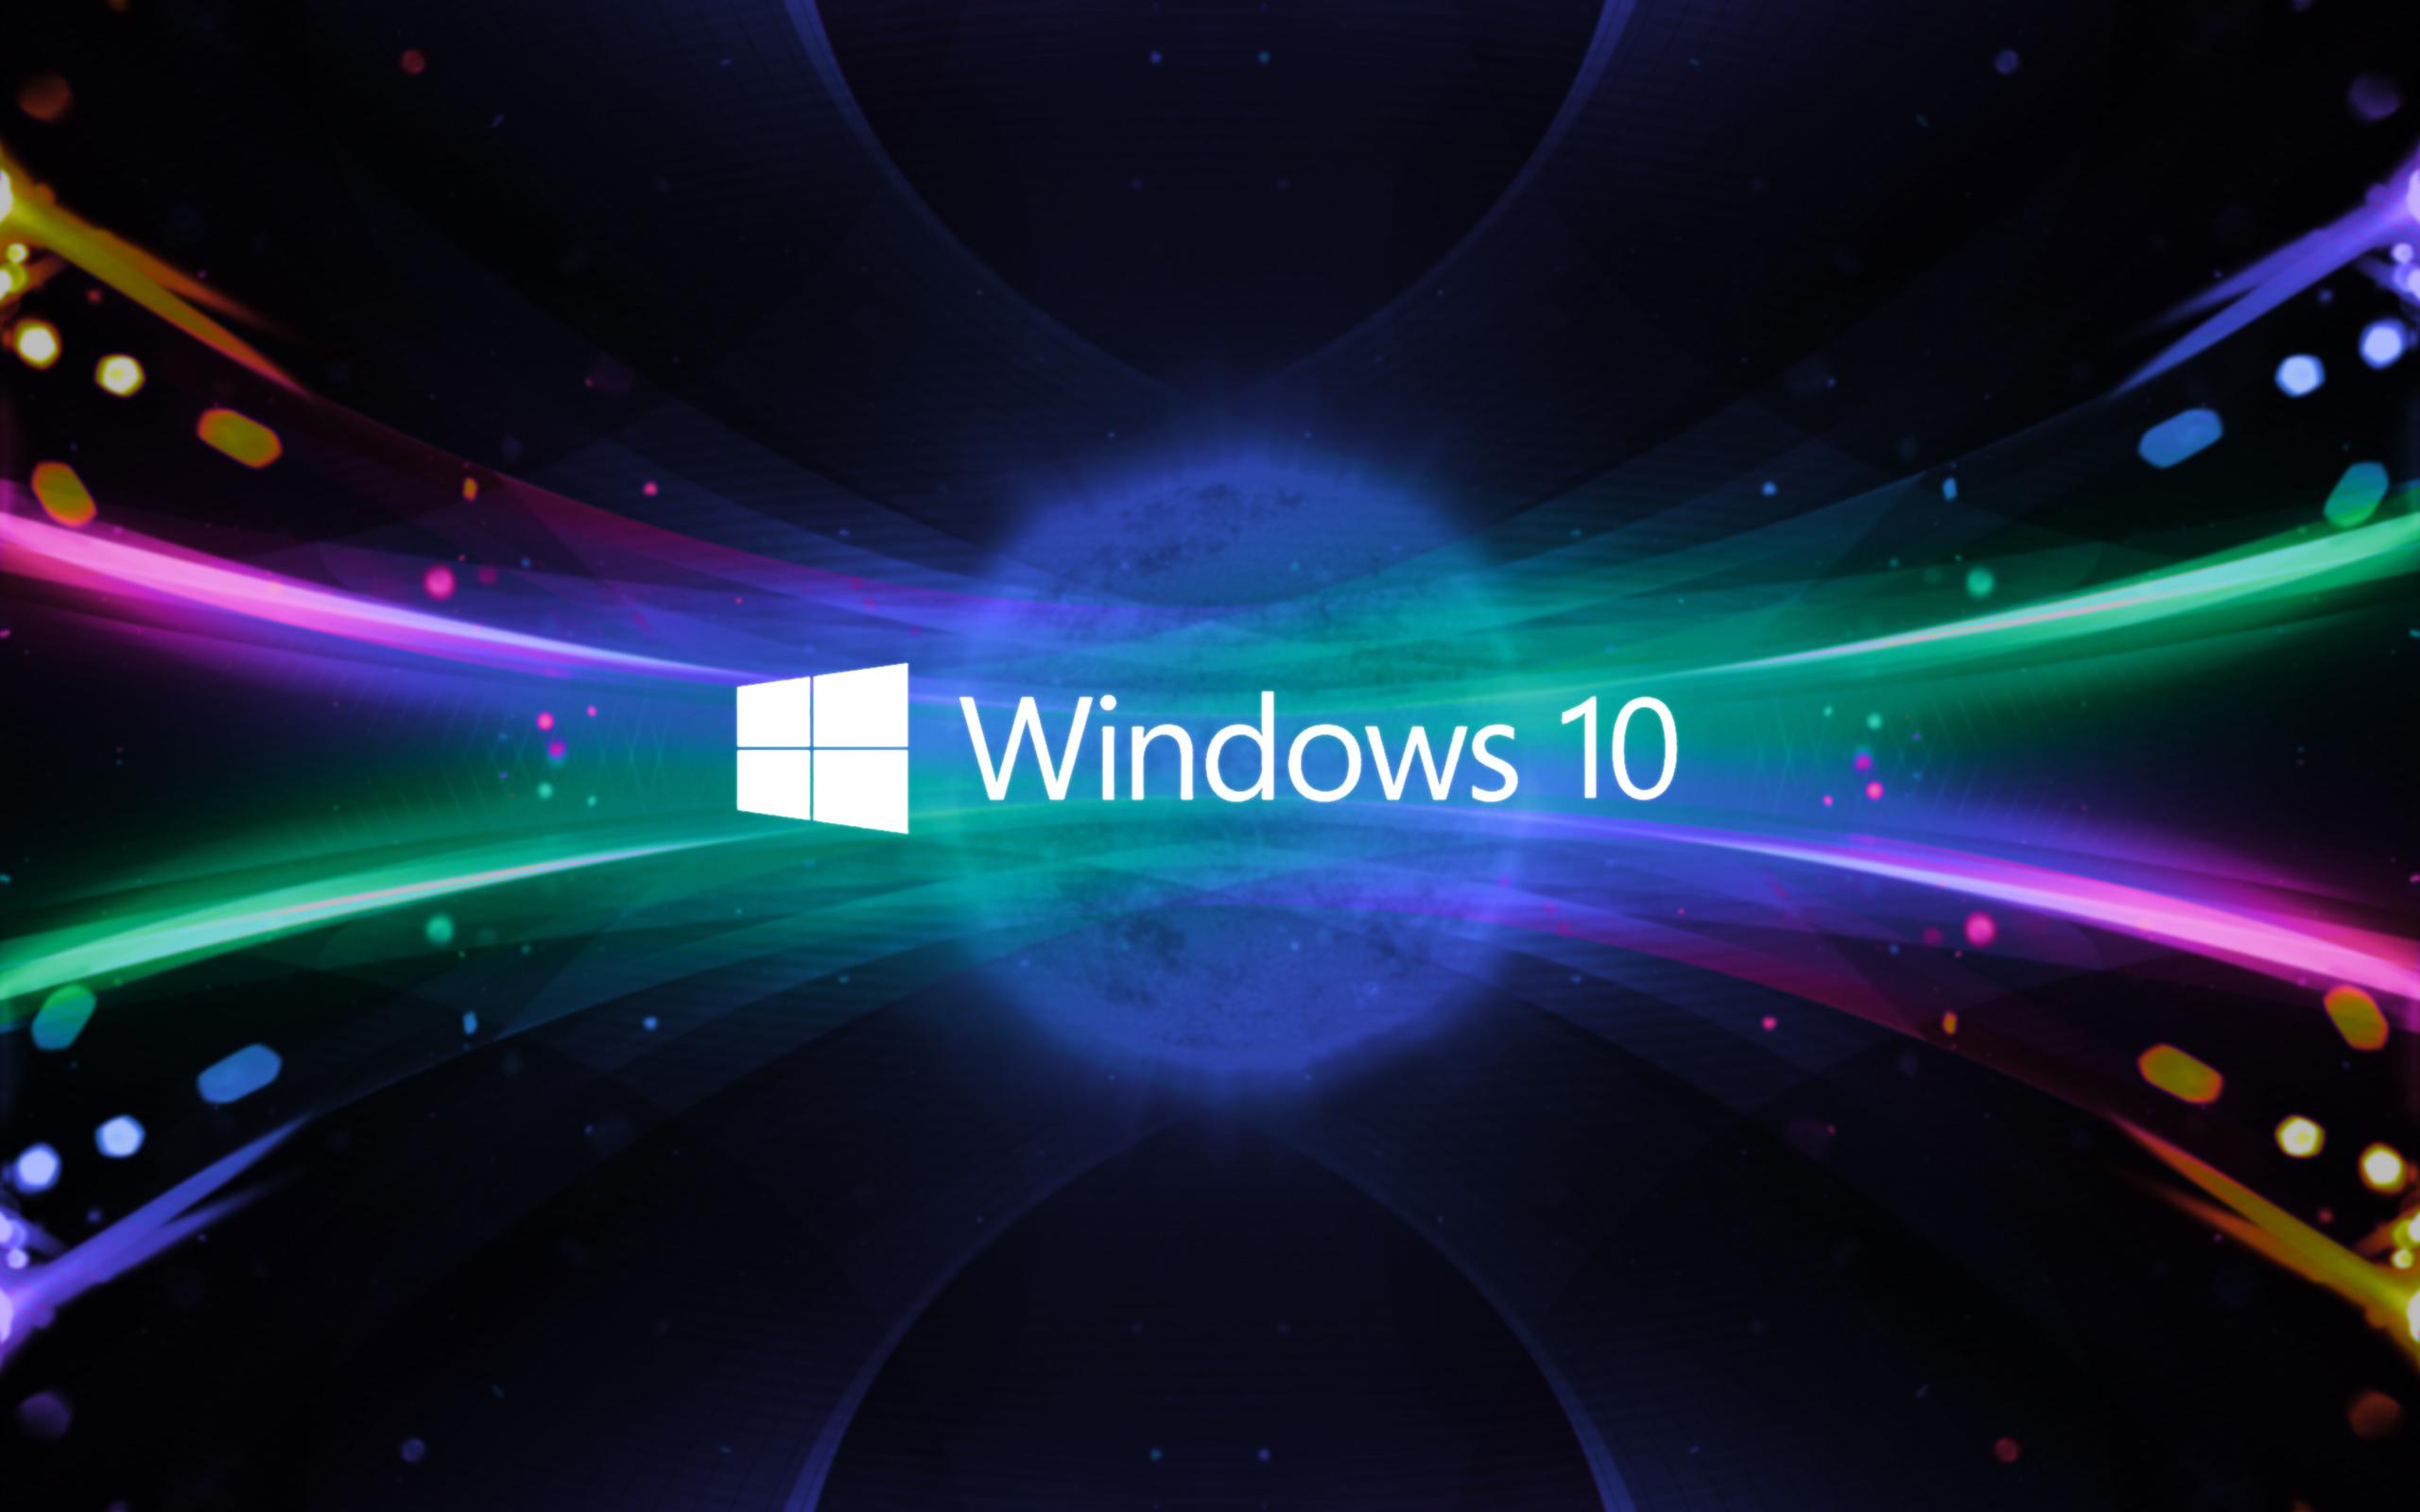 New Windows 10 Wallpaper Desktop 15283 Wallpaper WallpaperLepi 2560x1600